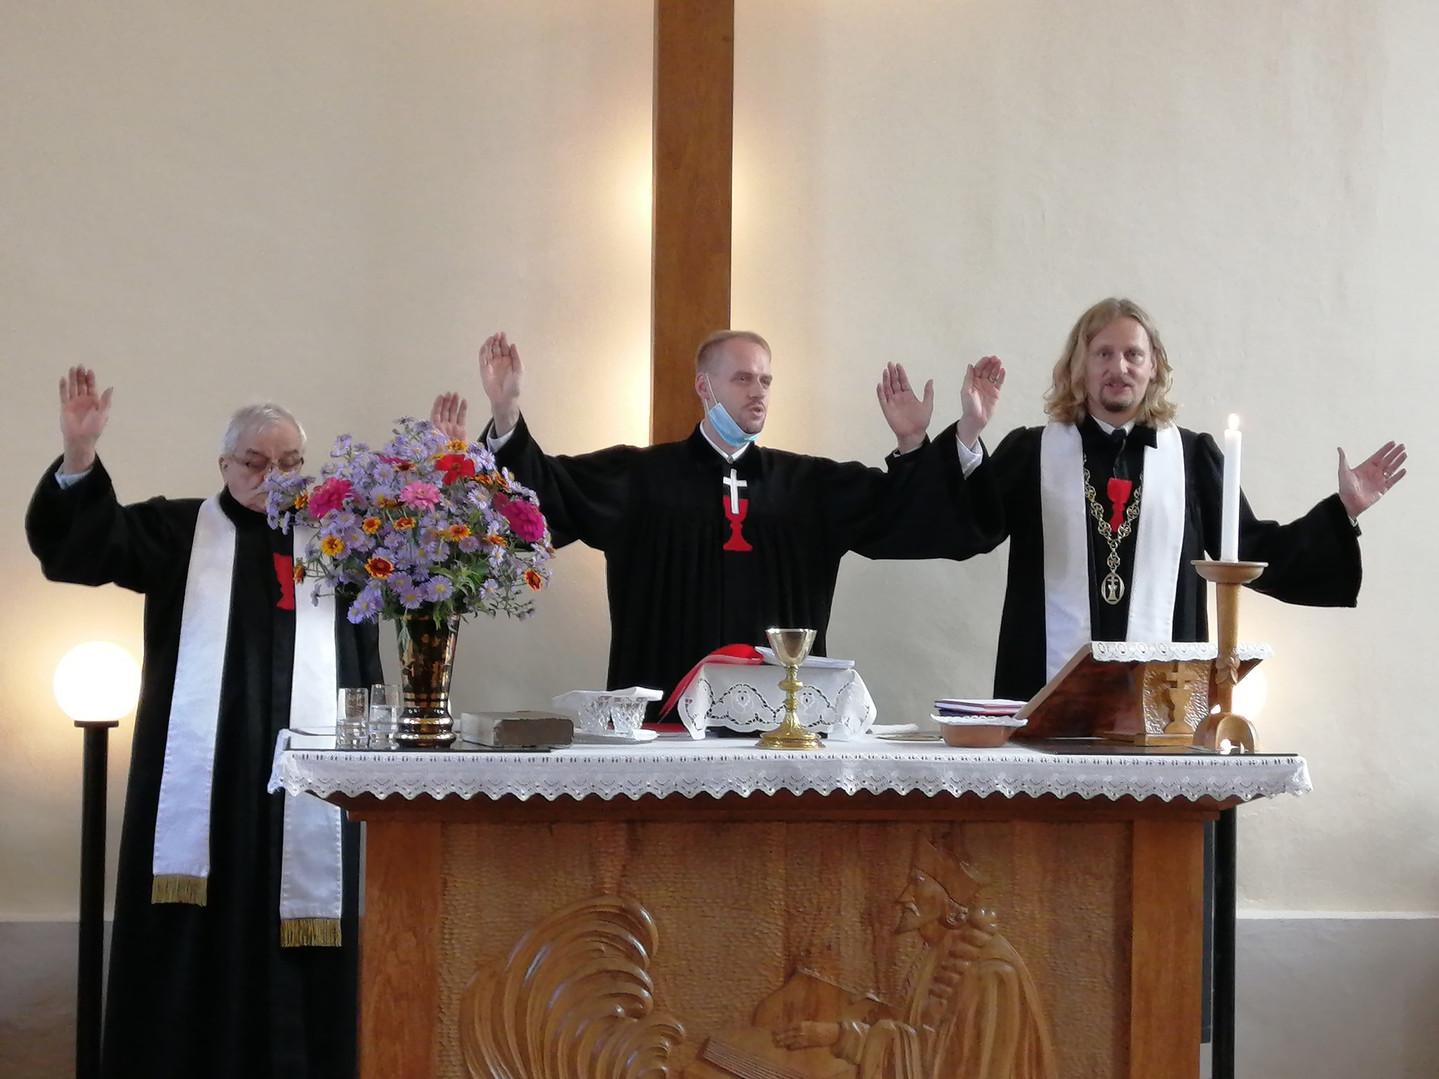 Farář Ervín Kukuczka, jáhen Aleš Toman, biskup Pavel Pechanec